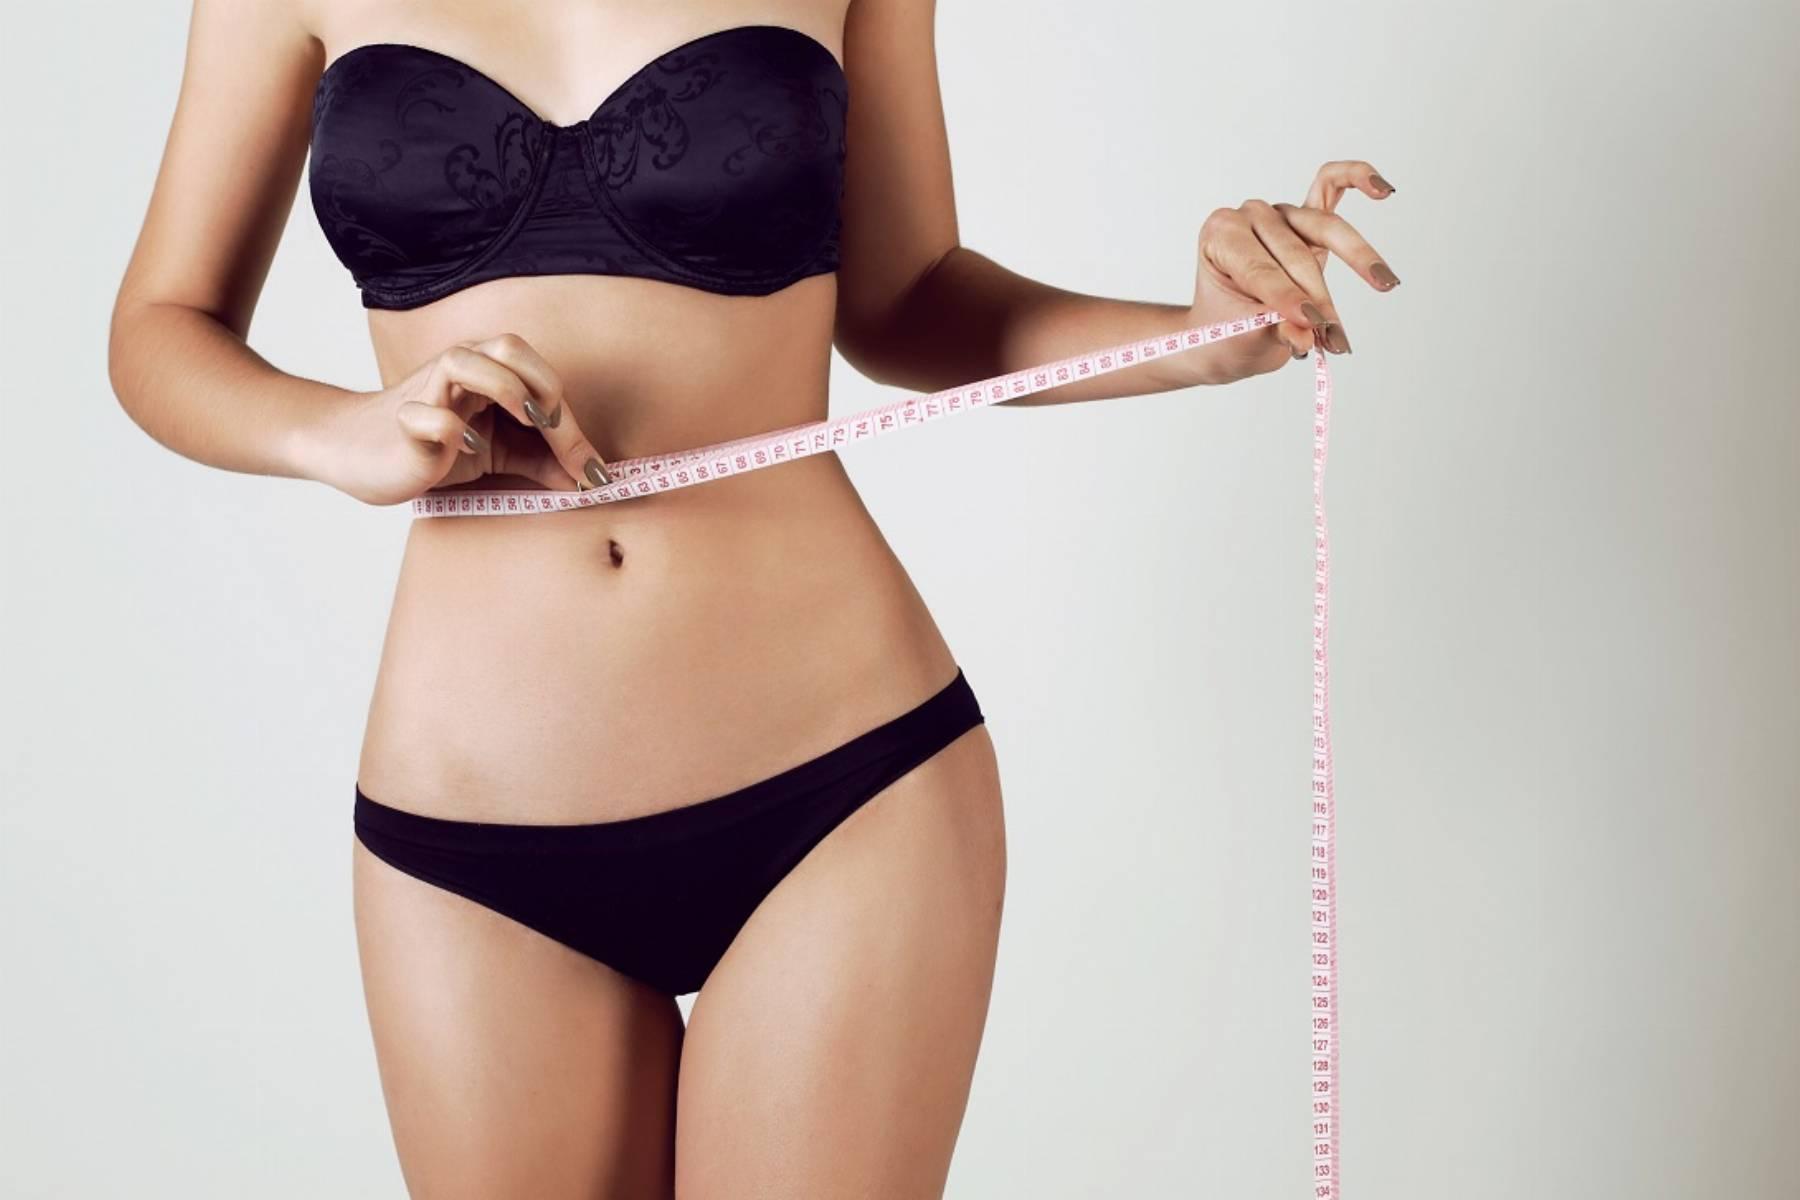 Cmo perder peso, como é que isto é possível